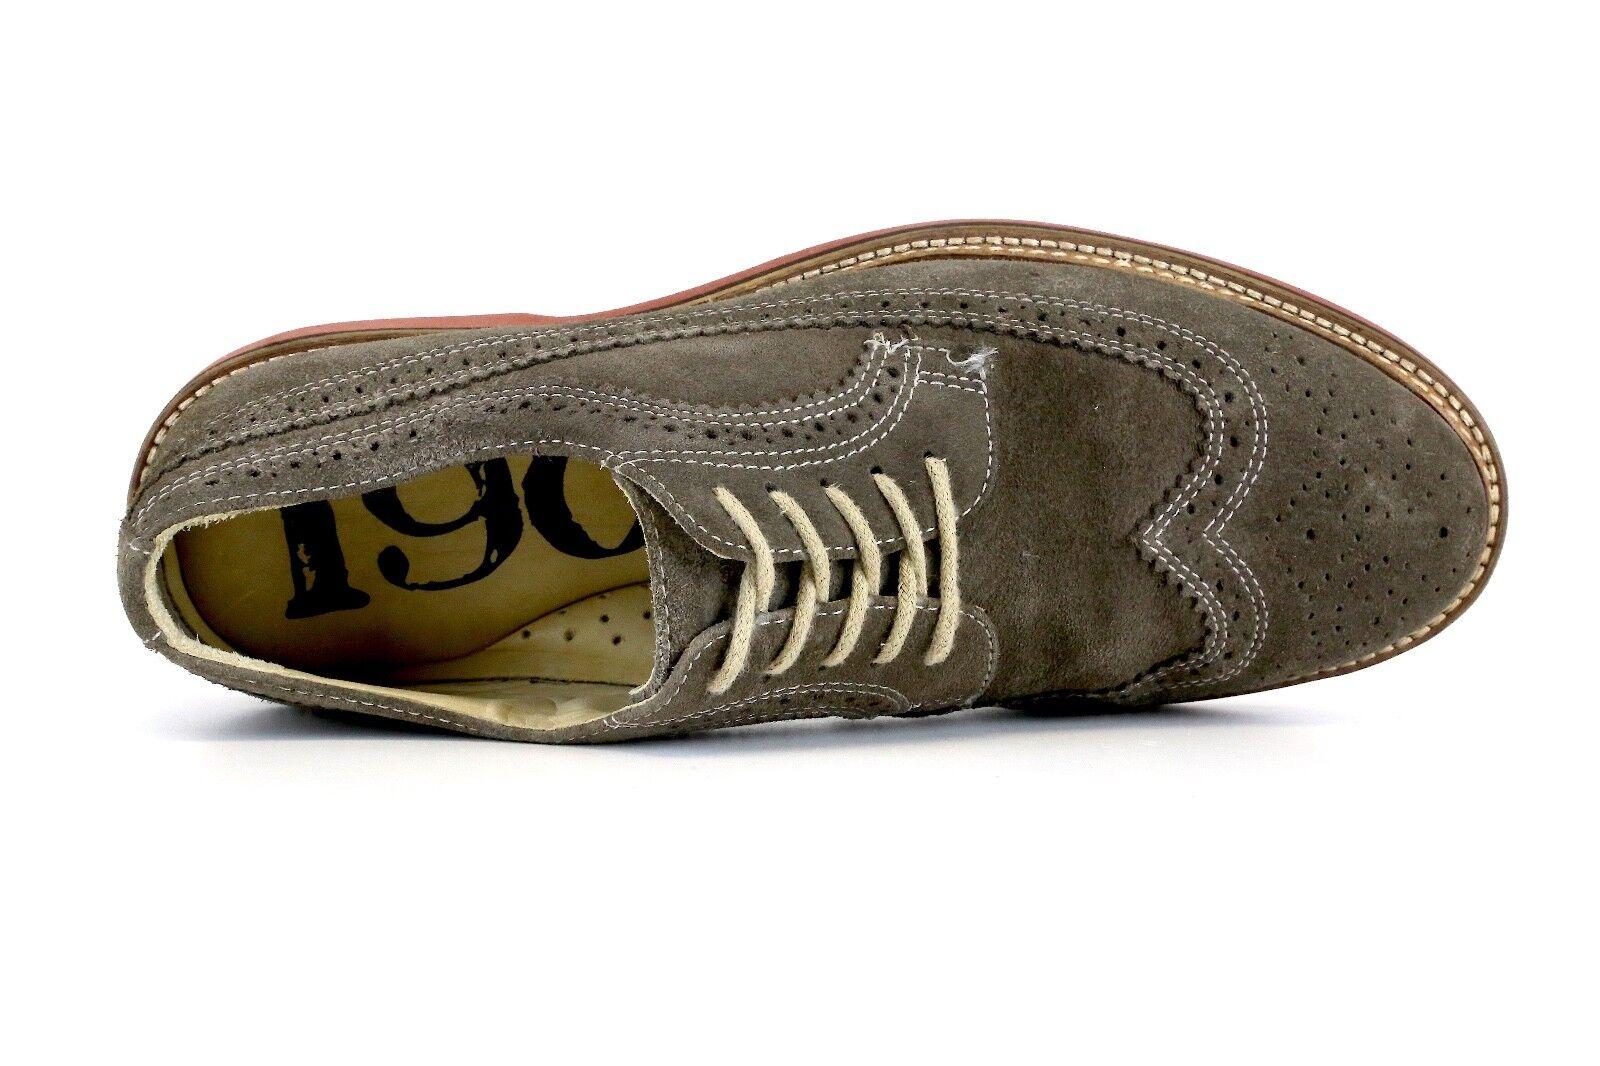 1901 Braun Up Suede Men Wingtip Lace Up Braun Oxfords Größe 9M 8395 100761